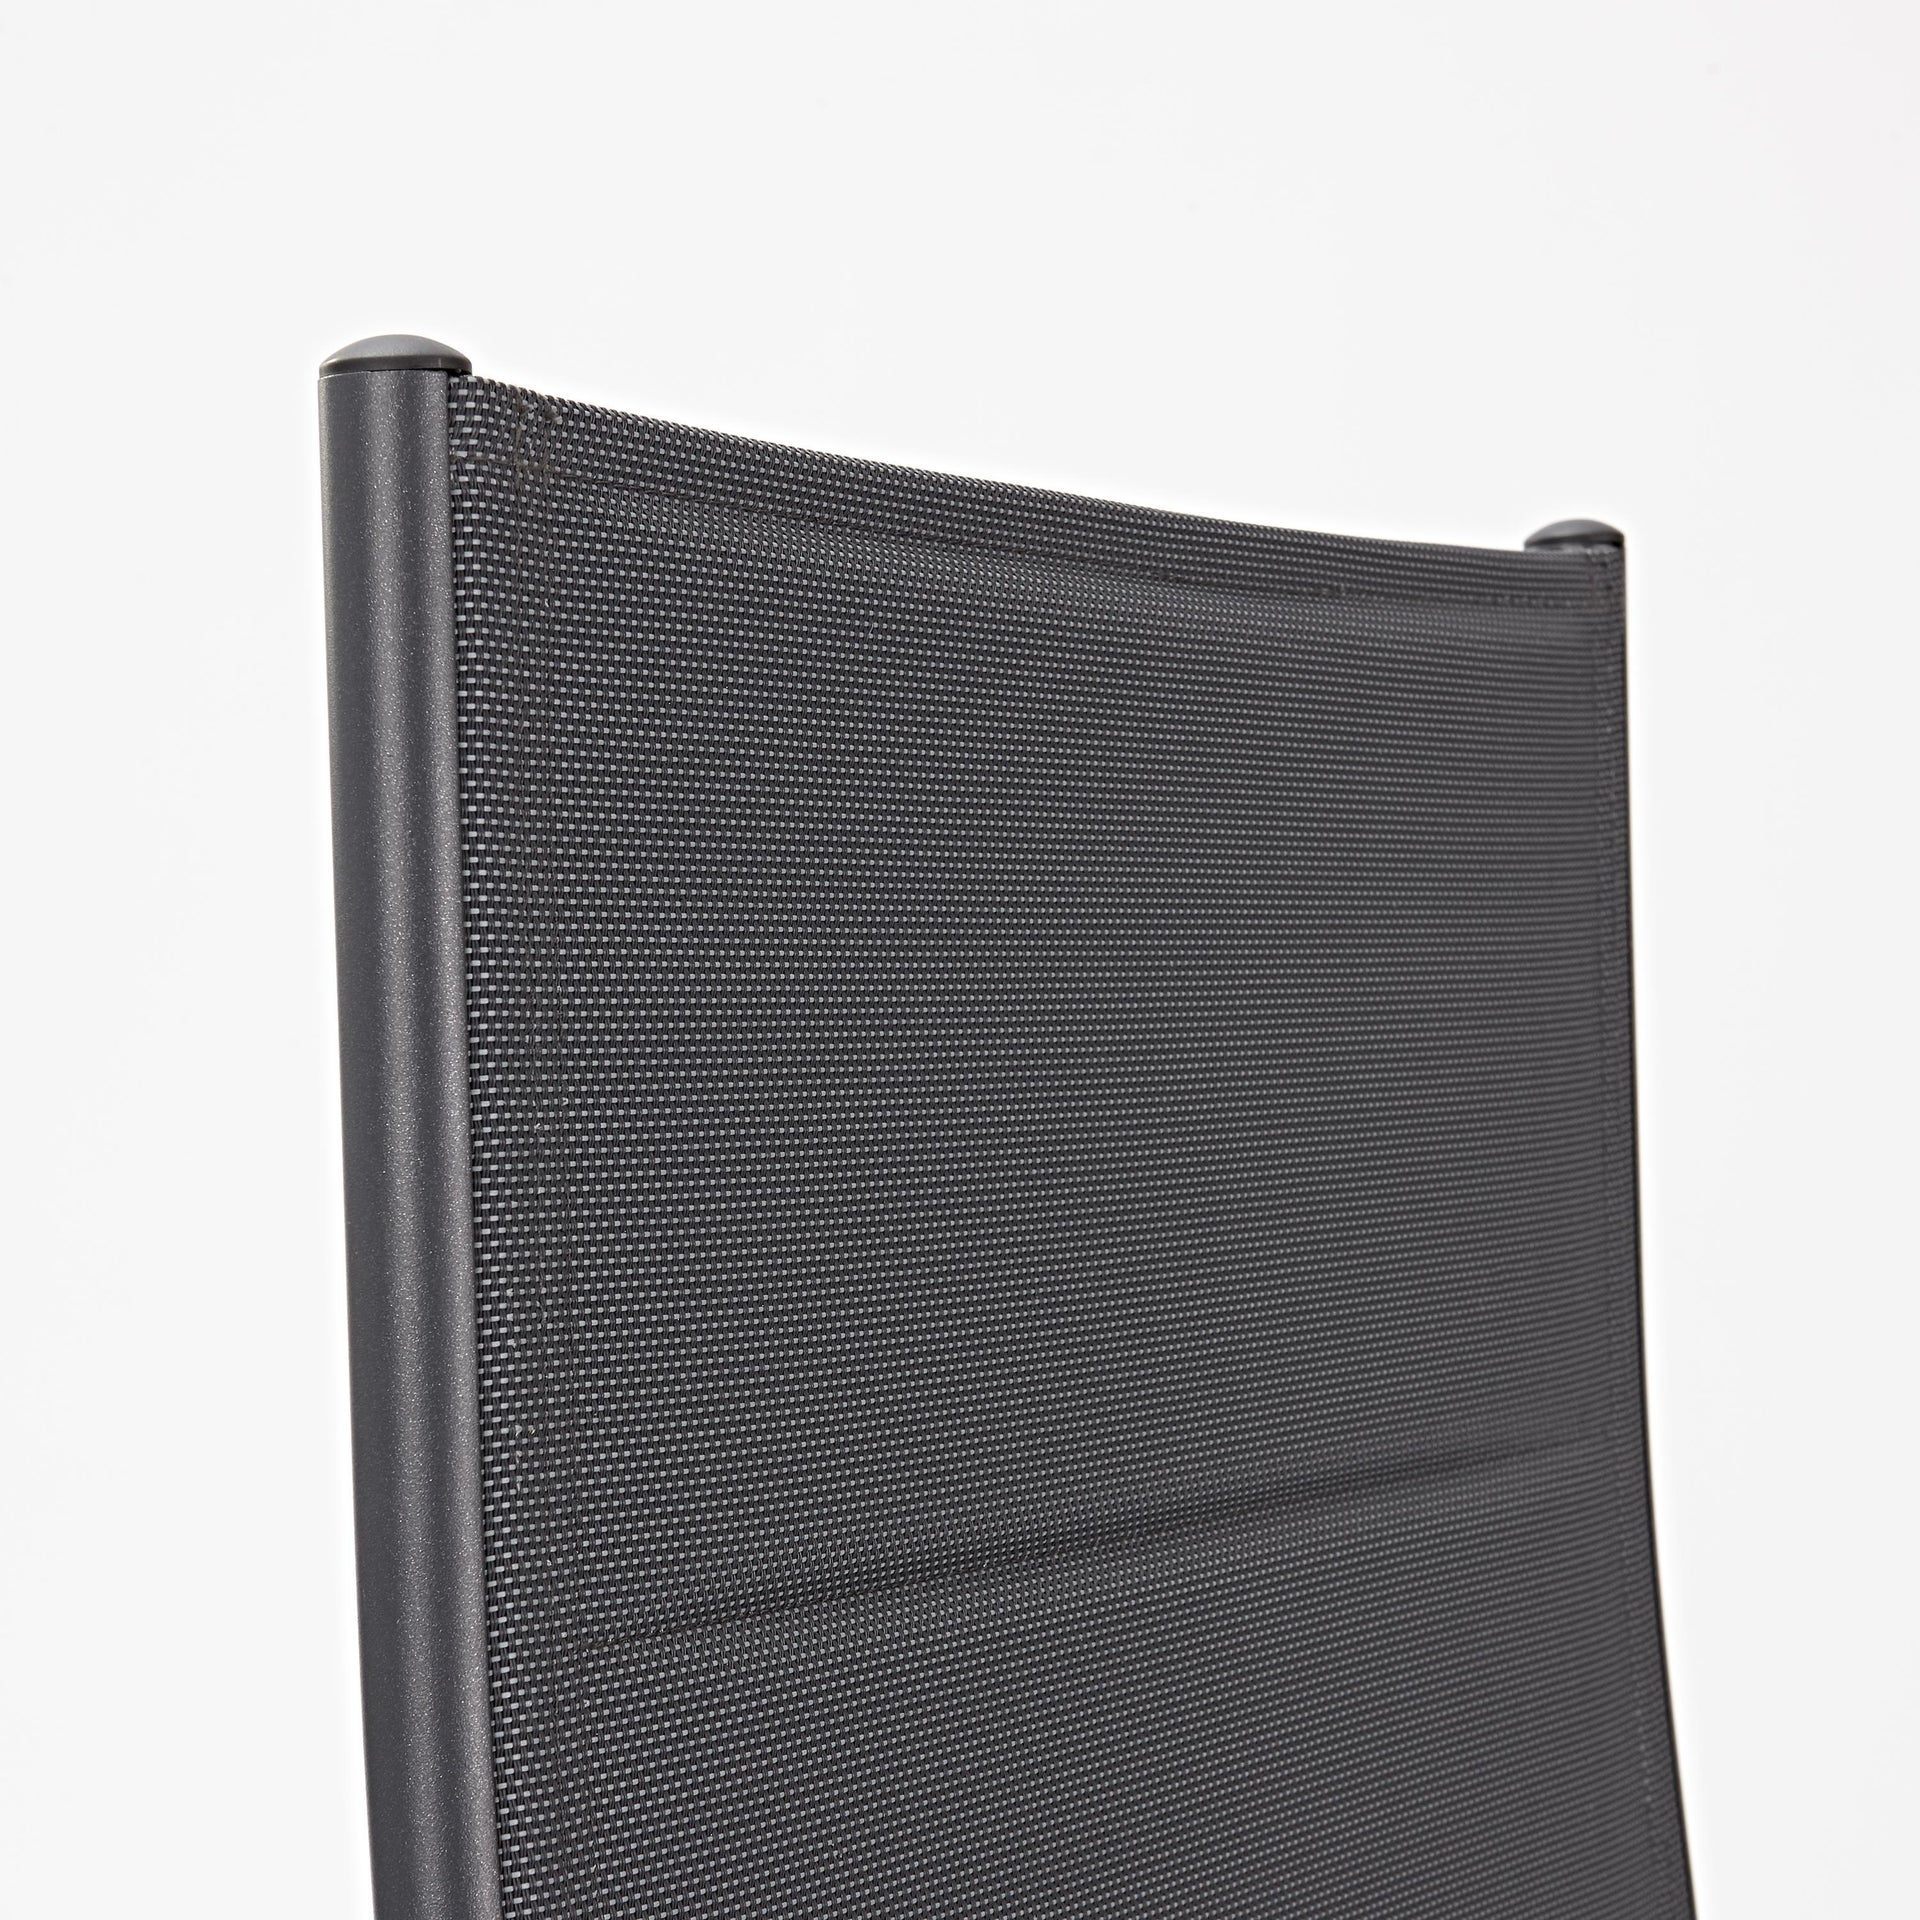 Sedia con braccioli senza cuscino pieghevole in alluminio Orion NATERIAL colore antracite - 3